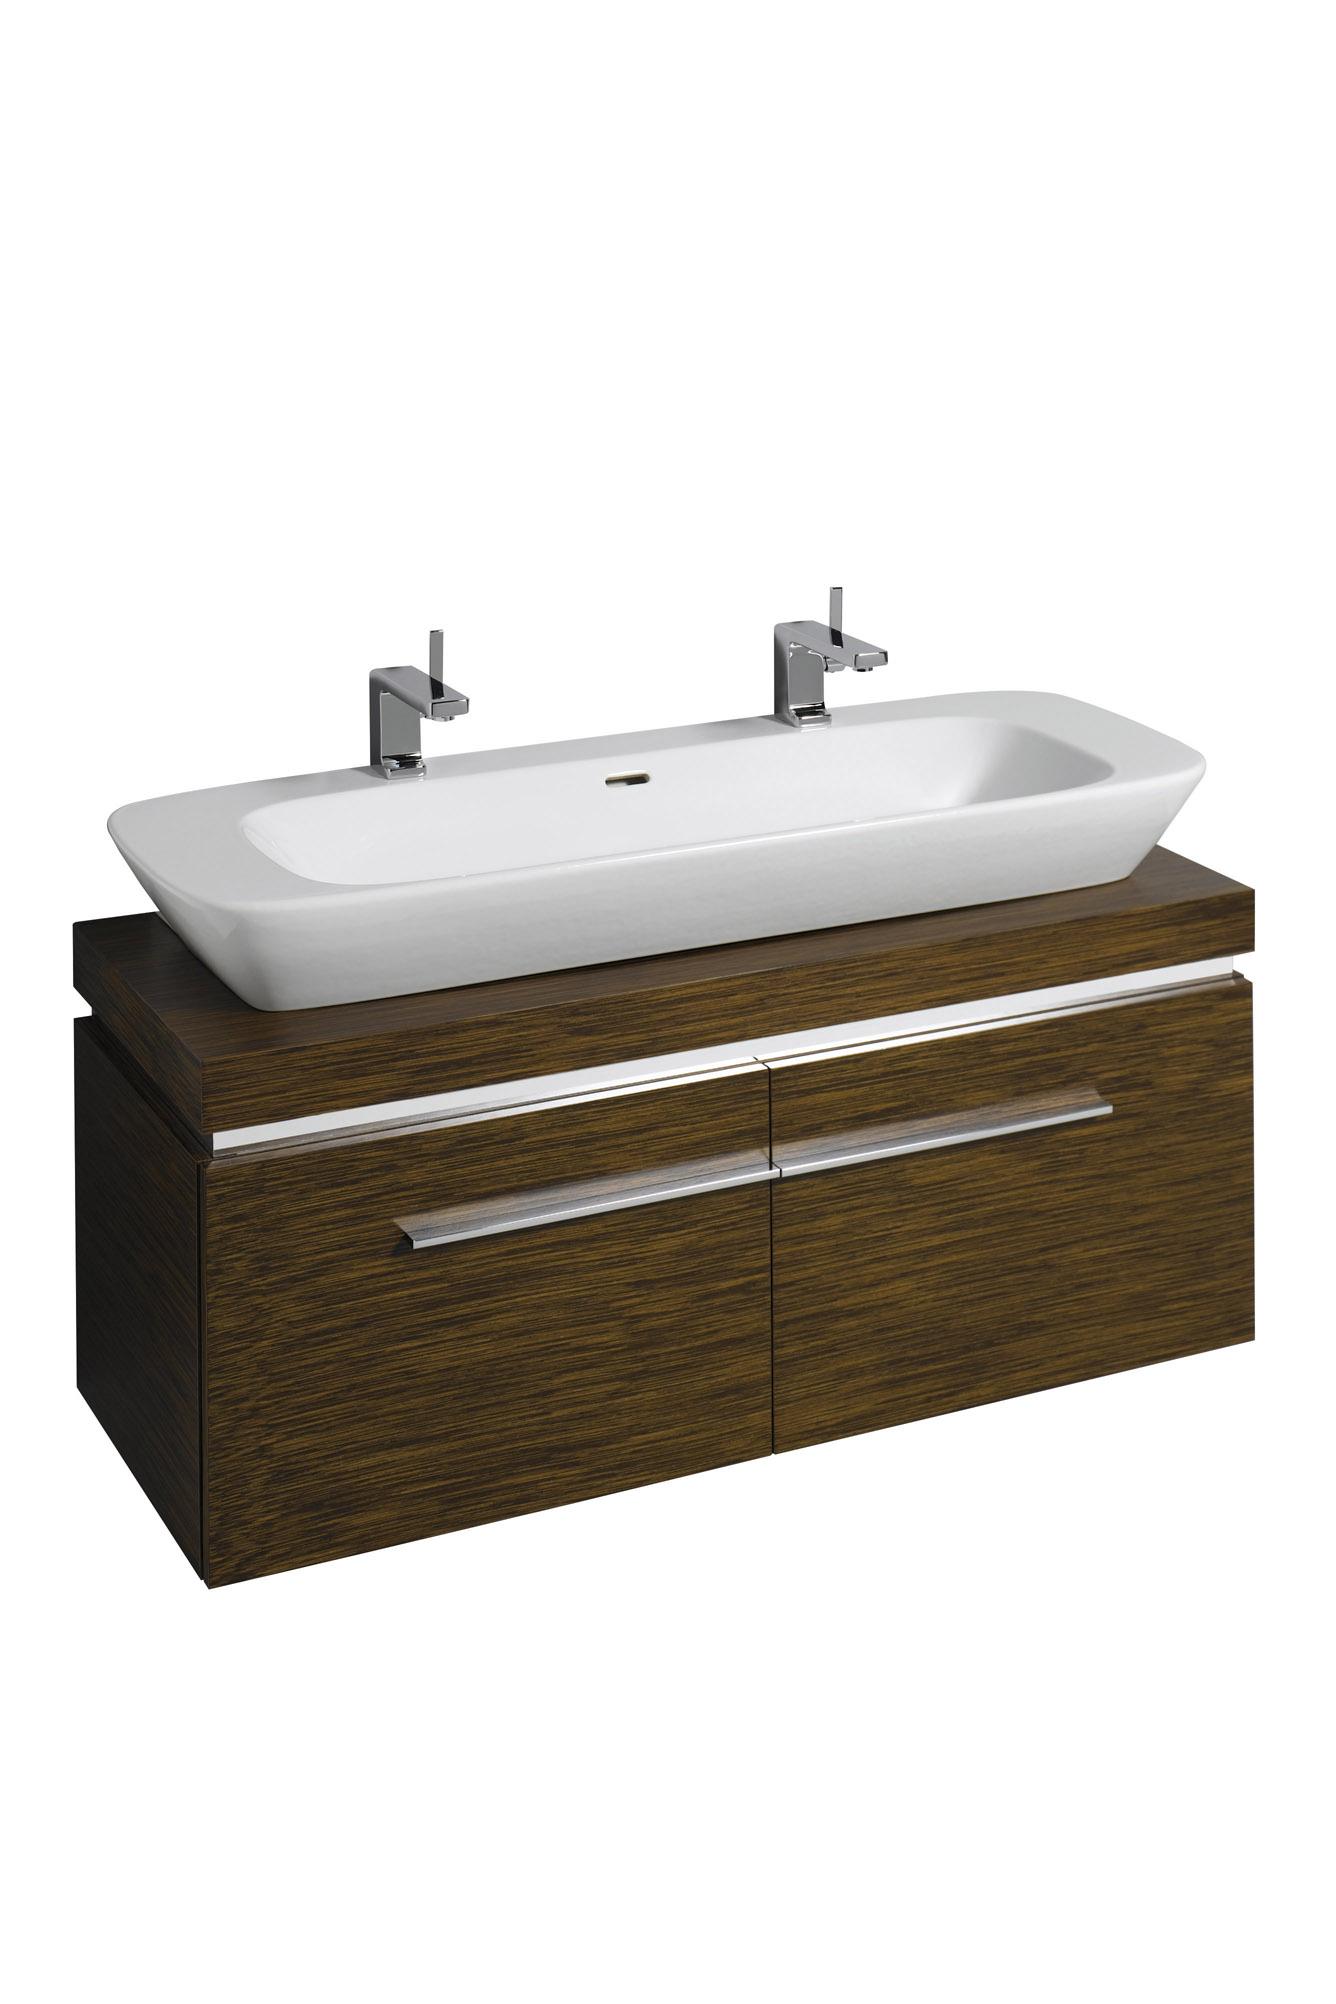 koupelnový nábytek KERAMAG Silk spodní skř.pod umyv.120 cm wenge